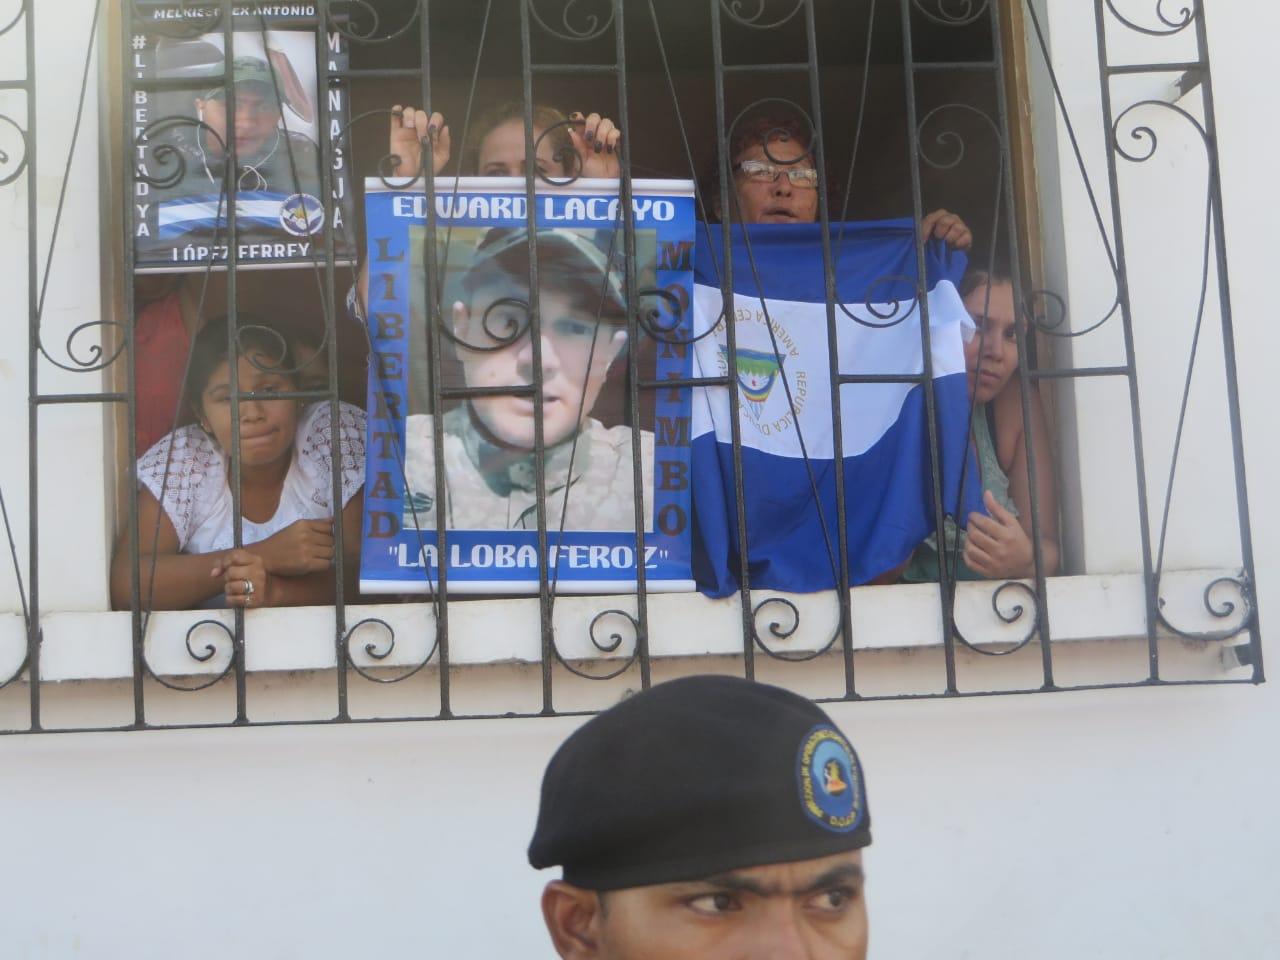 Policía orteguista mantiene cercada la iglesia San Miguel sin dejar salir a manifestantes. Foto: Noel Miranda/Artículo 66